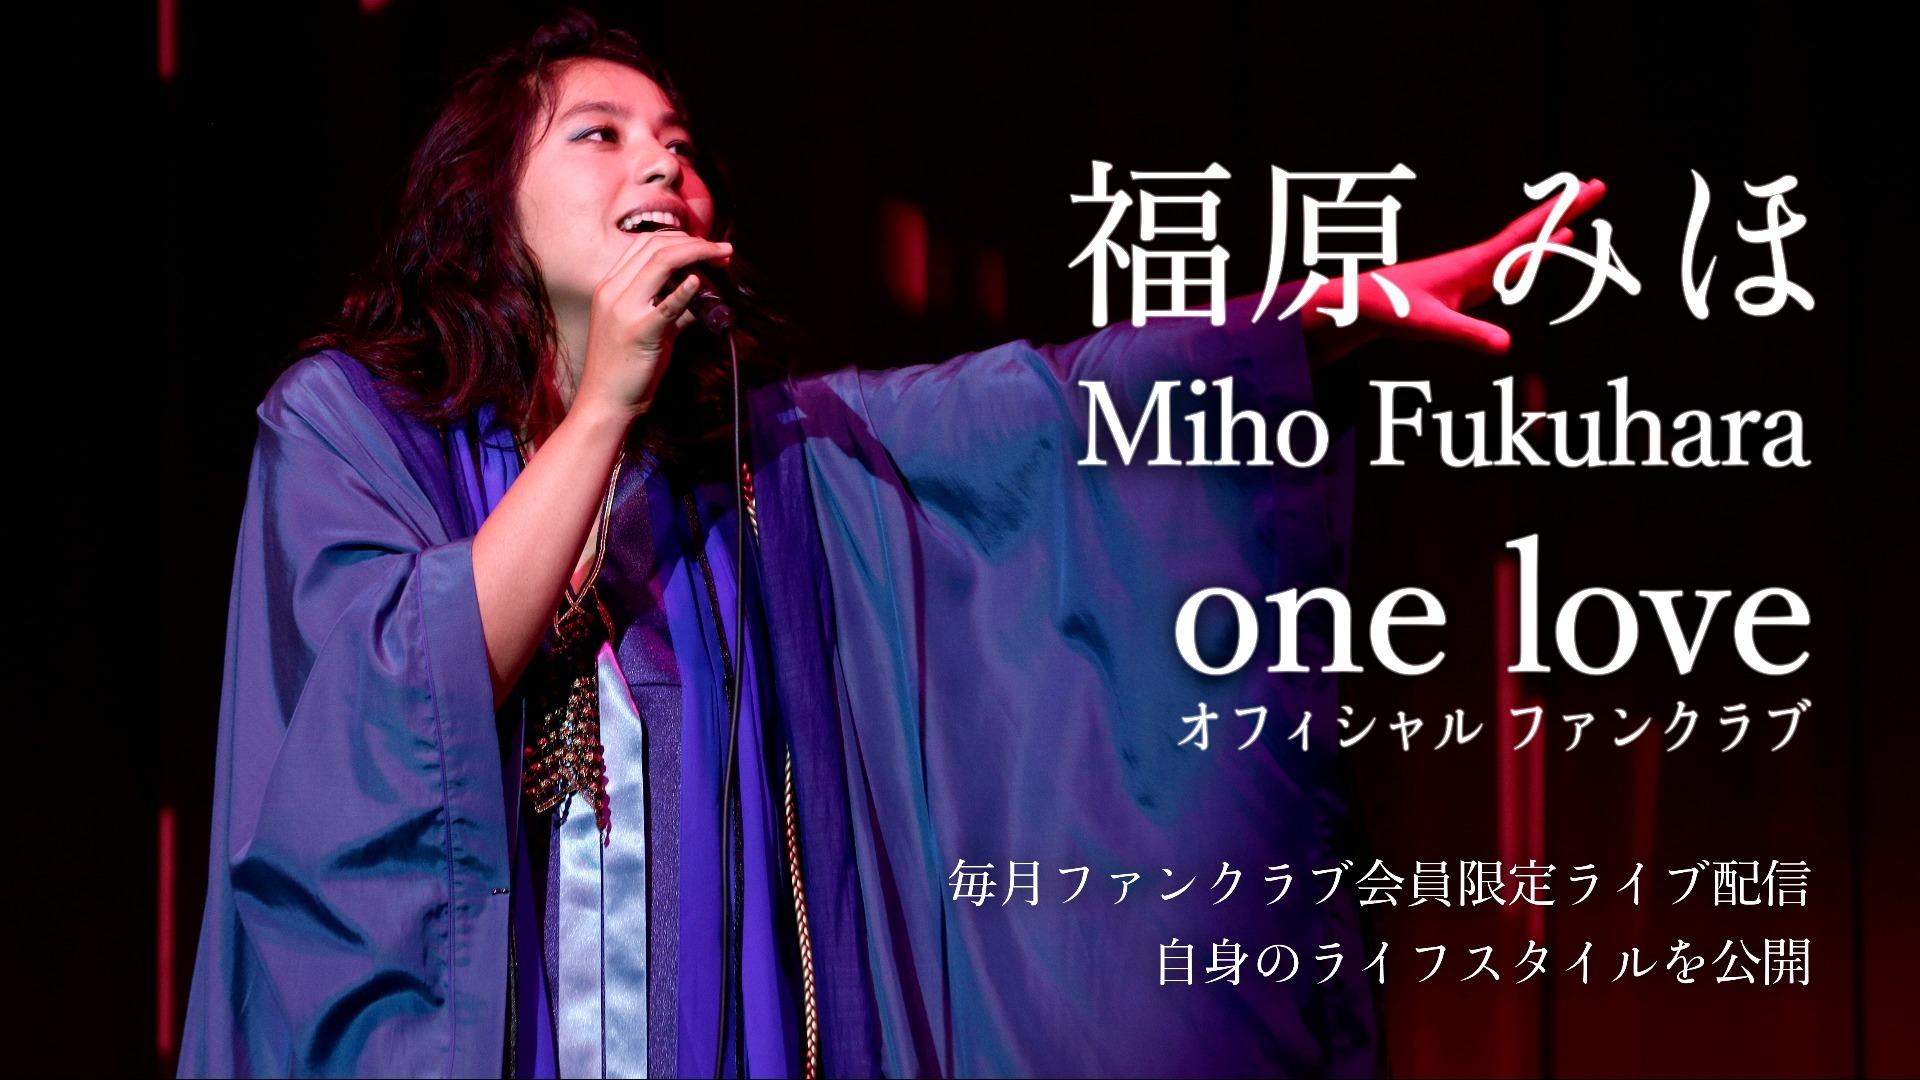 福原みほ 公式ファンクラブ 「one love」